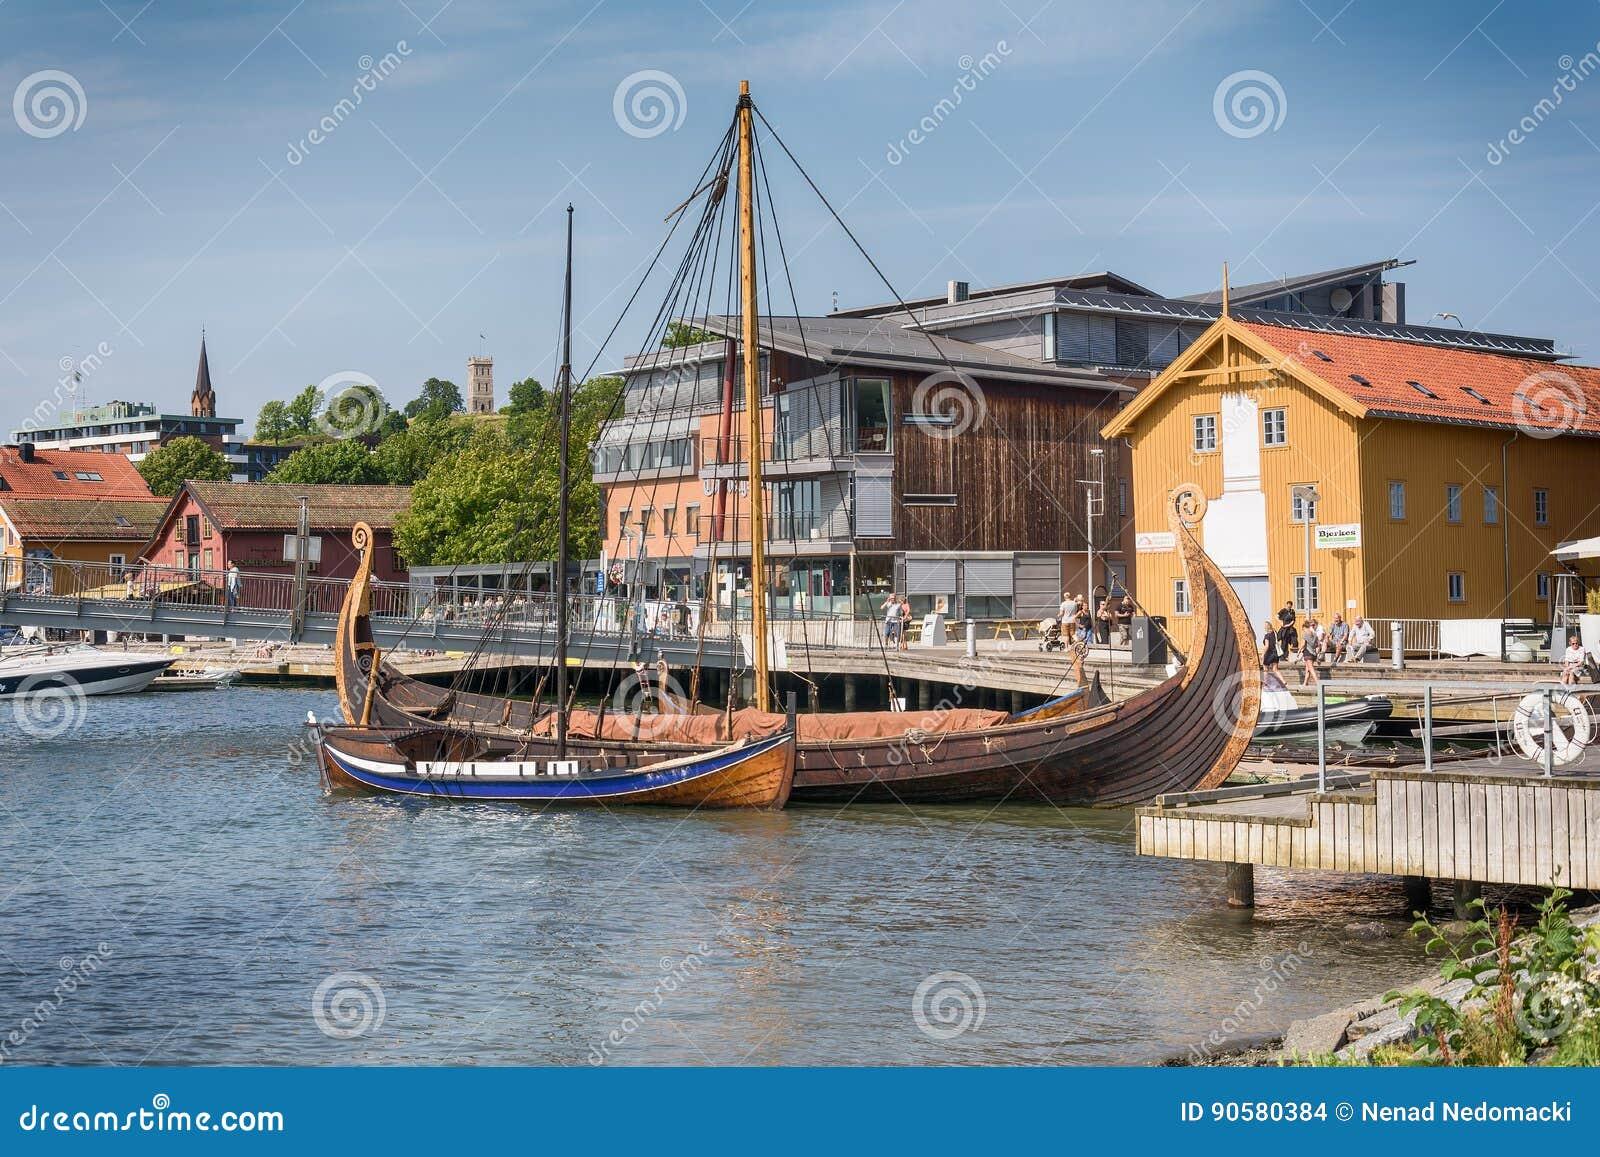 Το σκάφος Oseberg Βίκινγκ και το αντίγραφό της στο φιορδ, Tonsberg, Νορβηγία